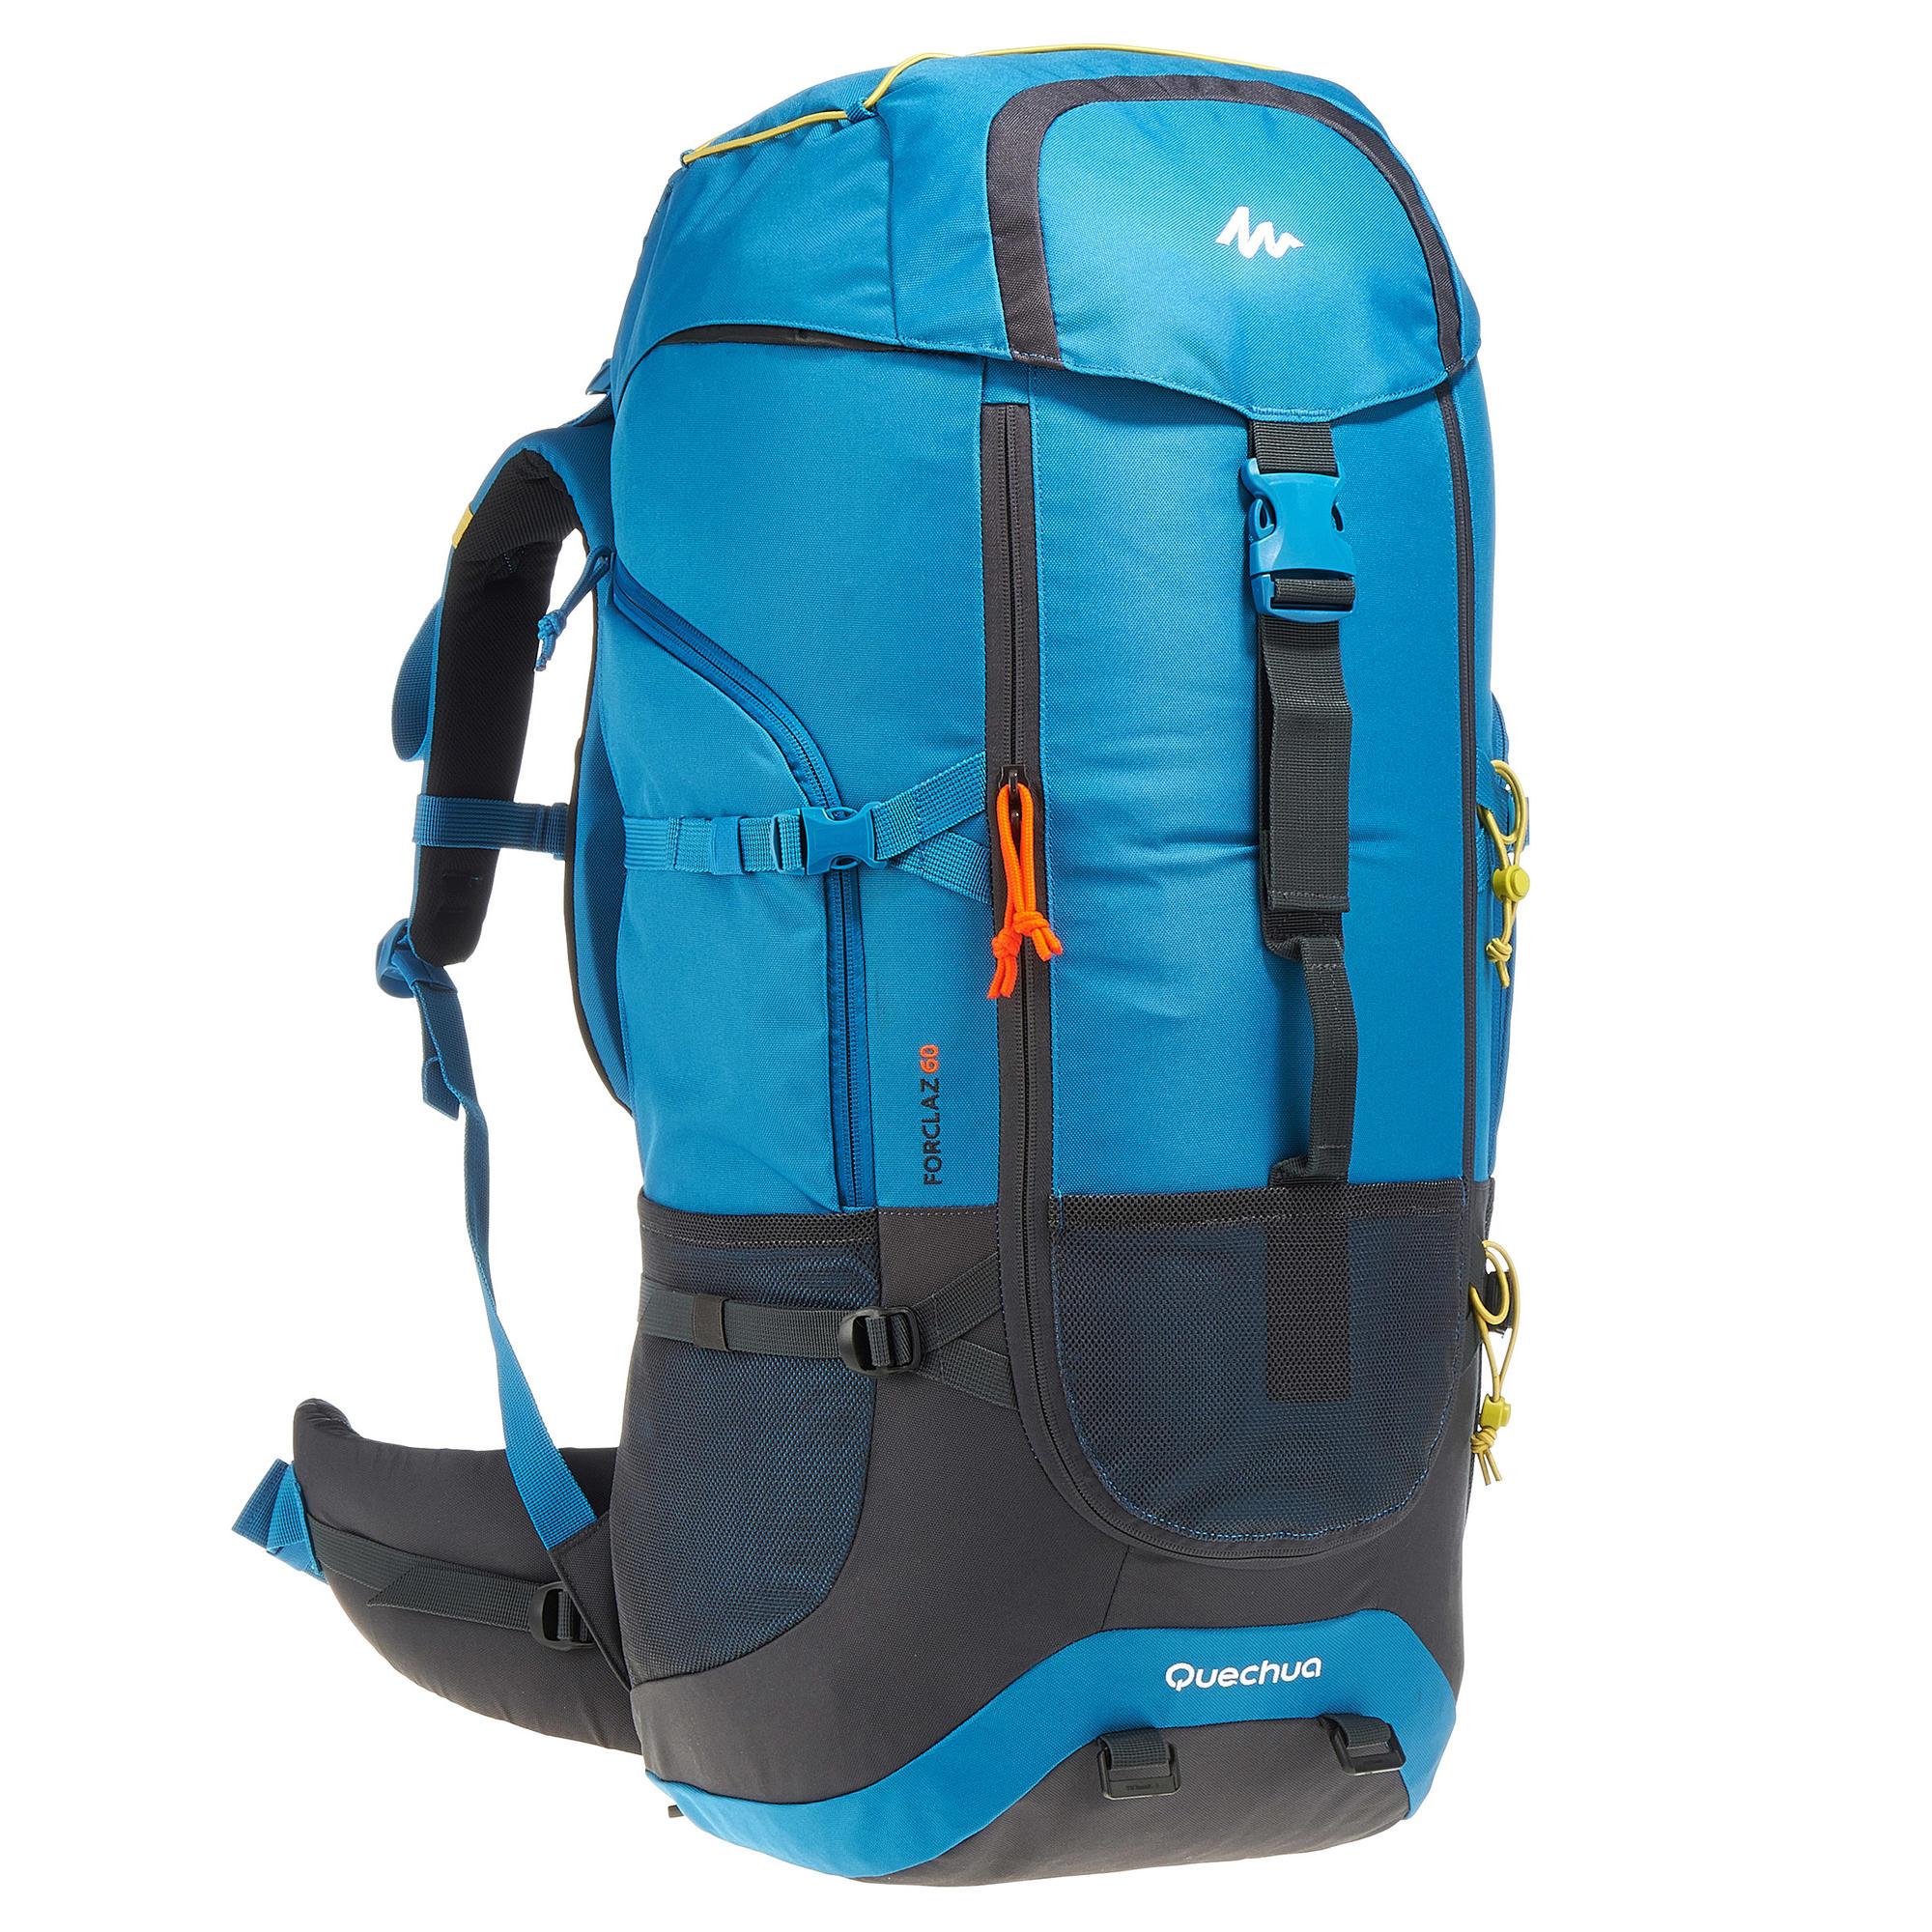 sac dos trekking forclaz 60 litres bleu quechua. Black Bedroom Furniture Sets. Home Design Ideas